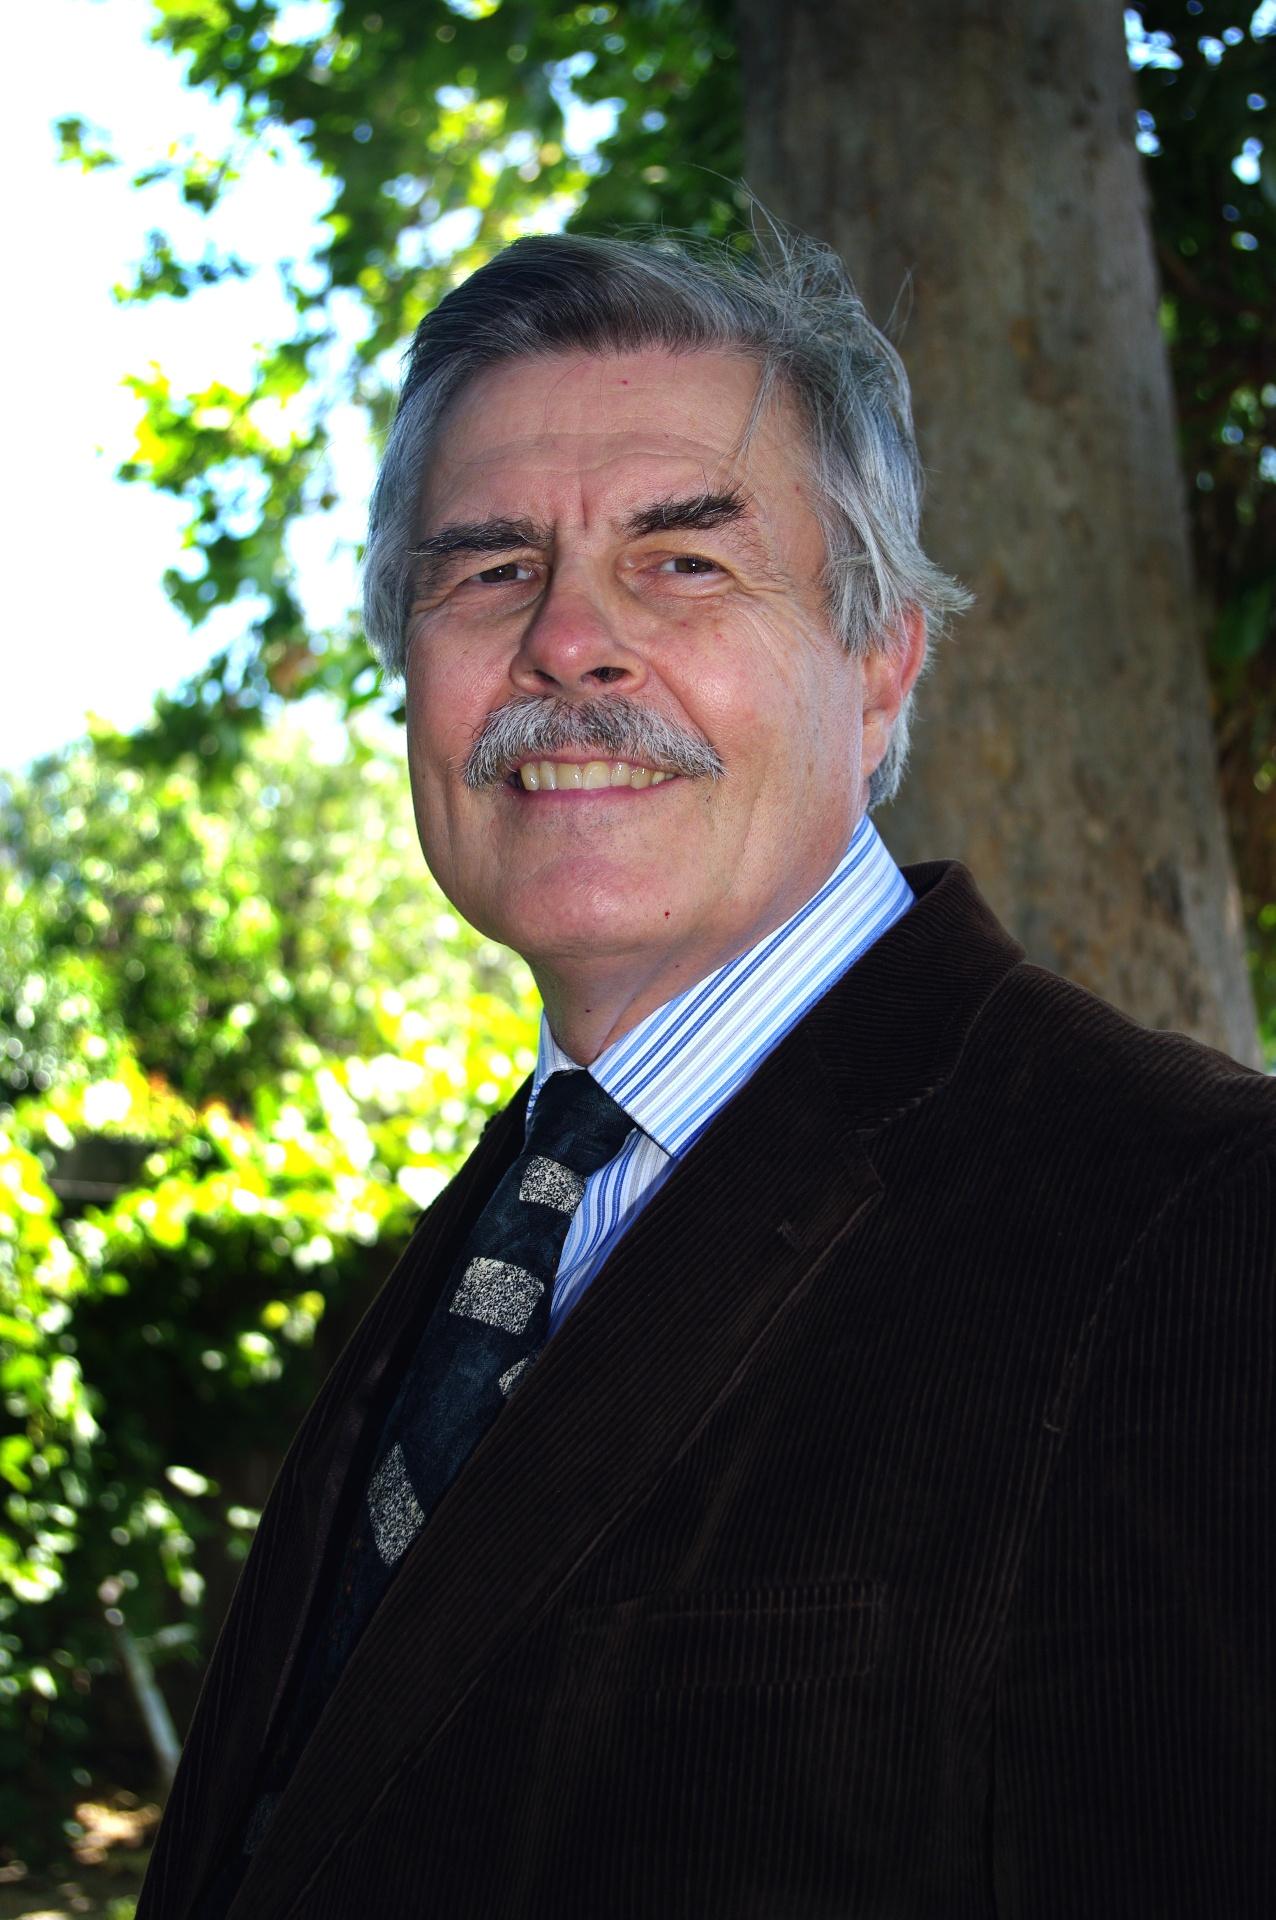 John G. Bluck